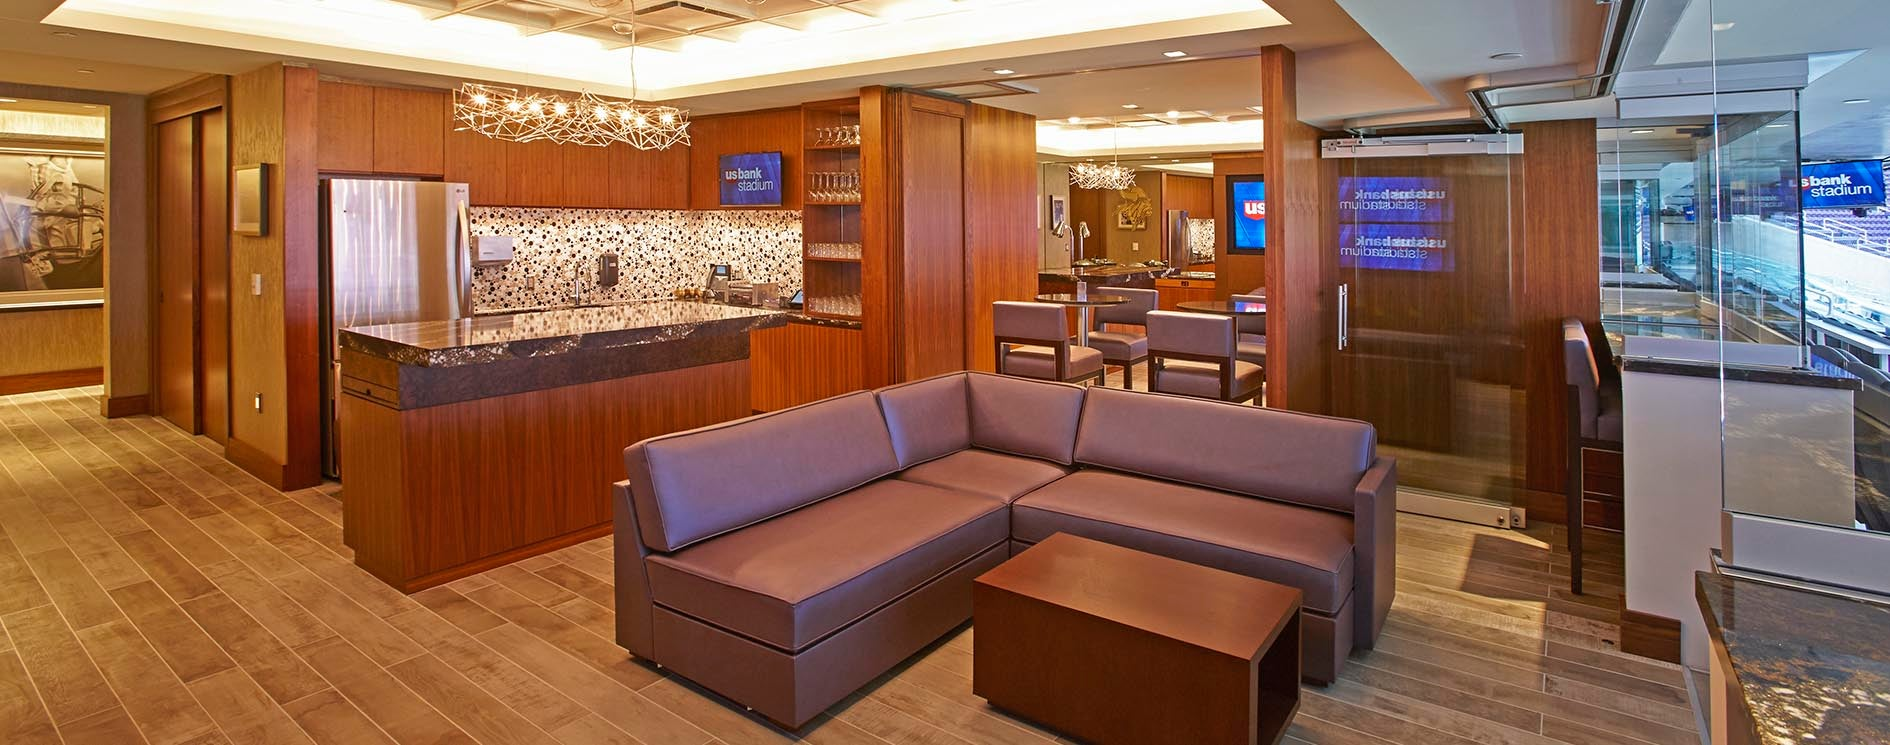 Suites US Bank Stadium - Us bank stadium suite map